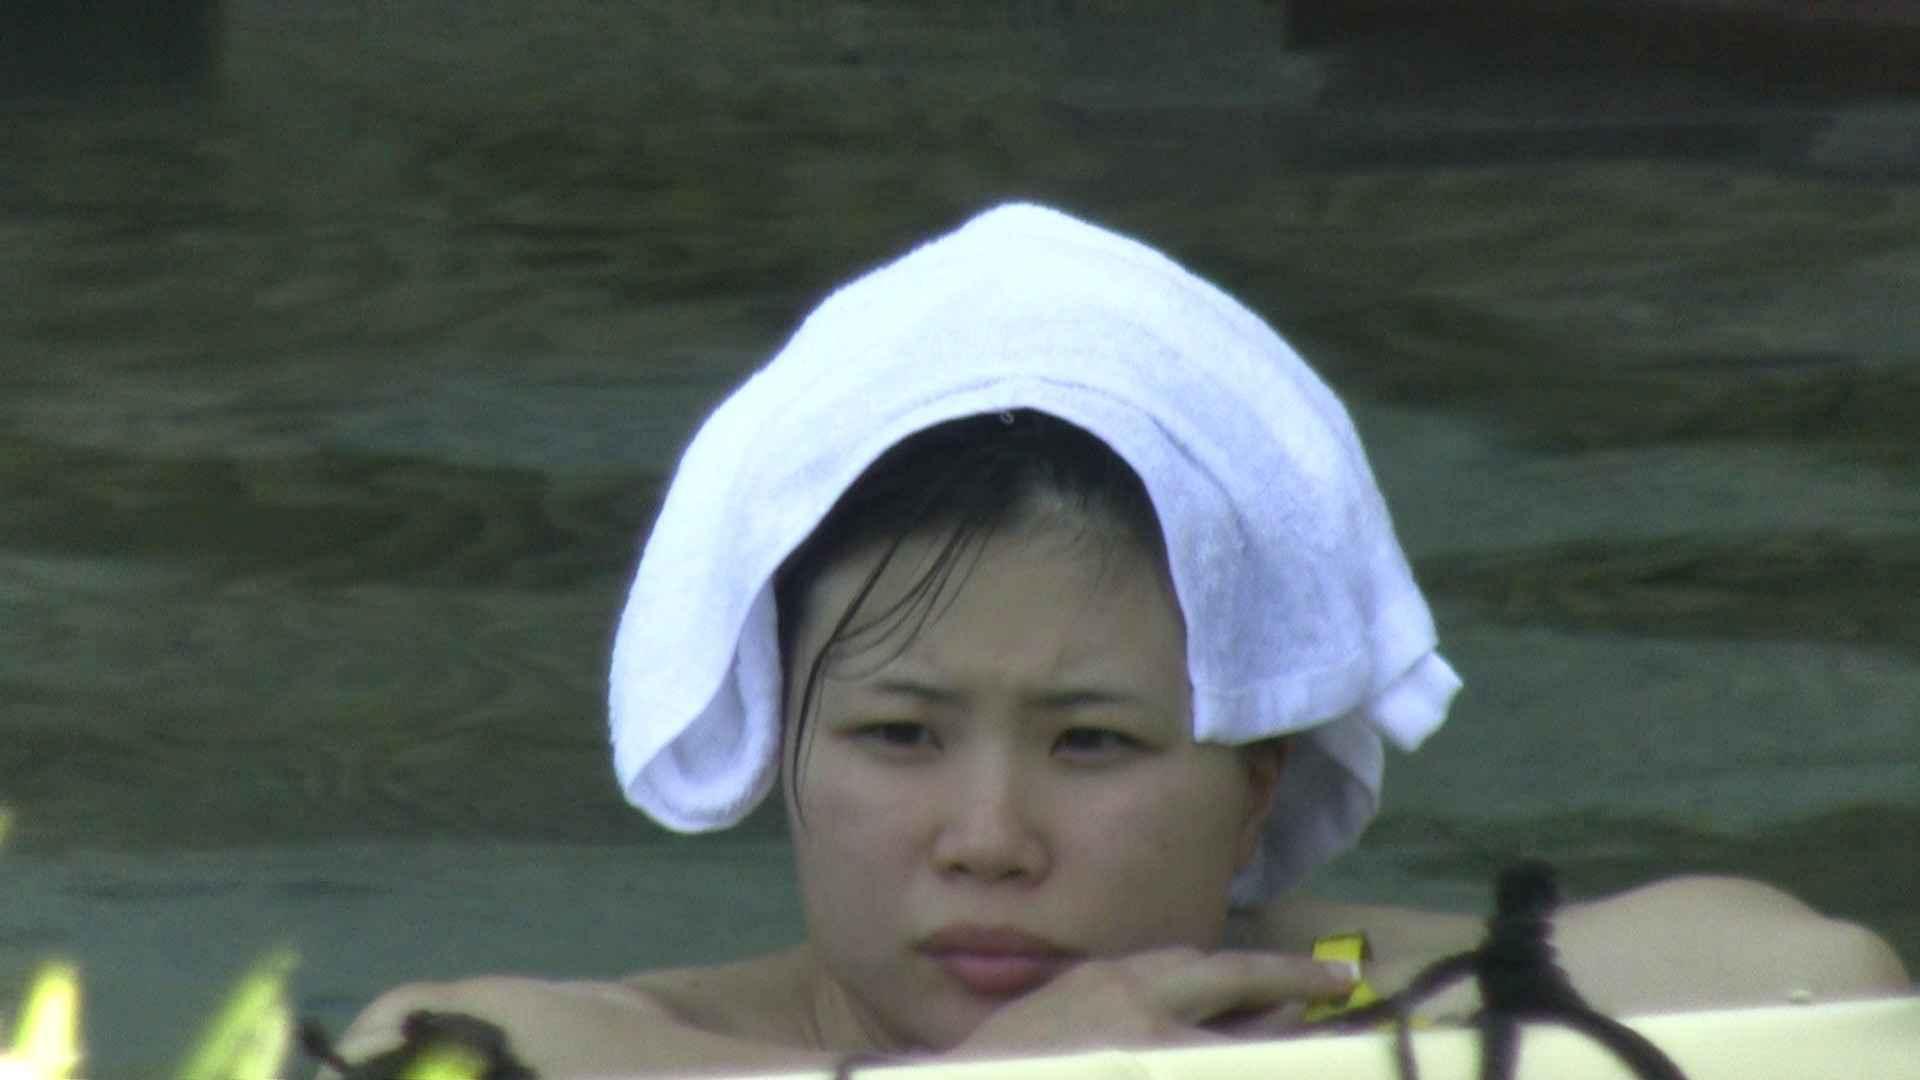 Aquaな露天風呂Vol.183 露天 オメコ動画キャプチャ 69画像 32